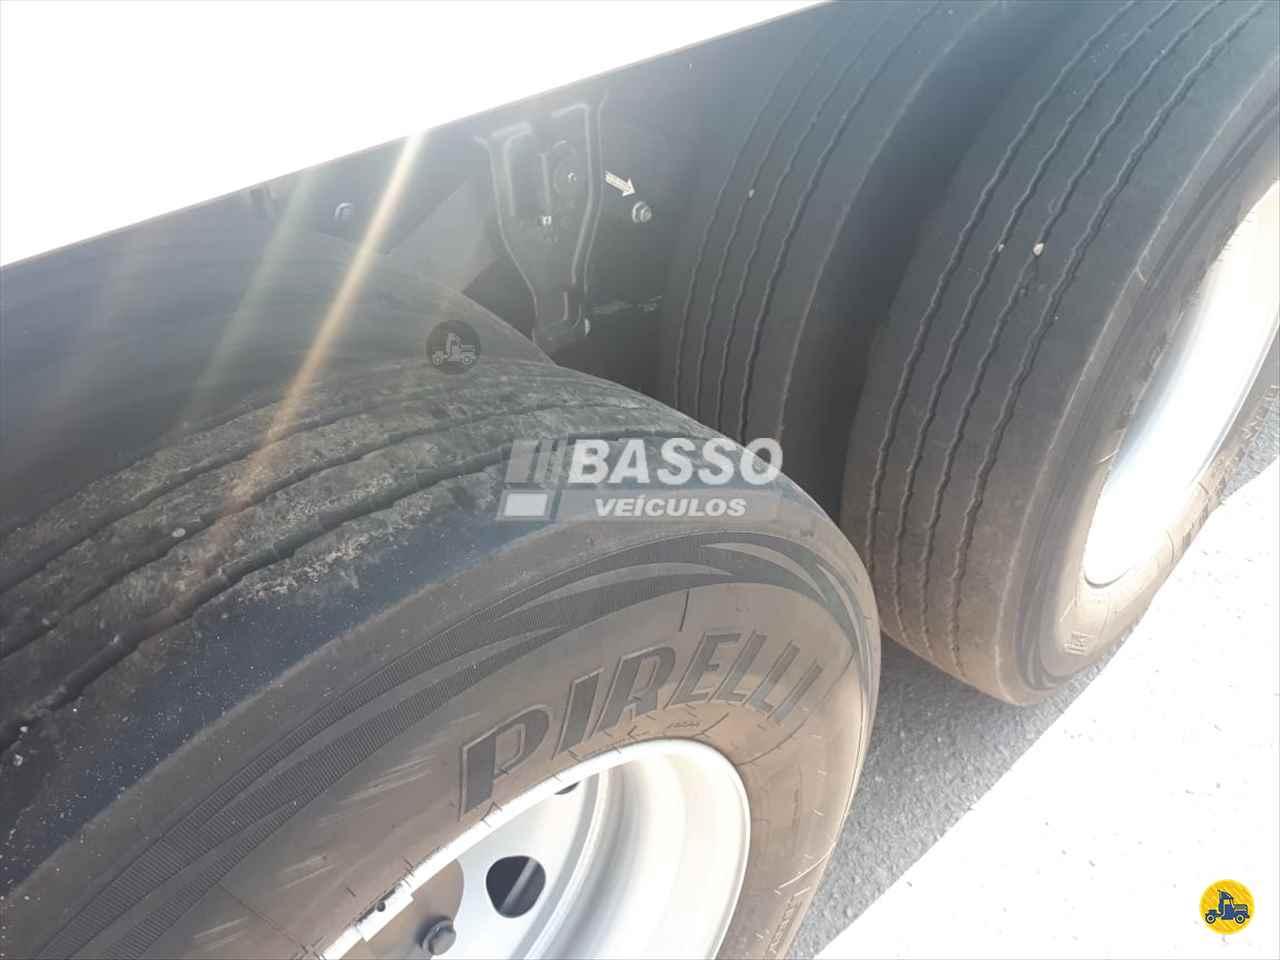 MERCEDES-BENZ MB 3030  2019/2020 Basso Veículos